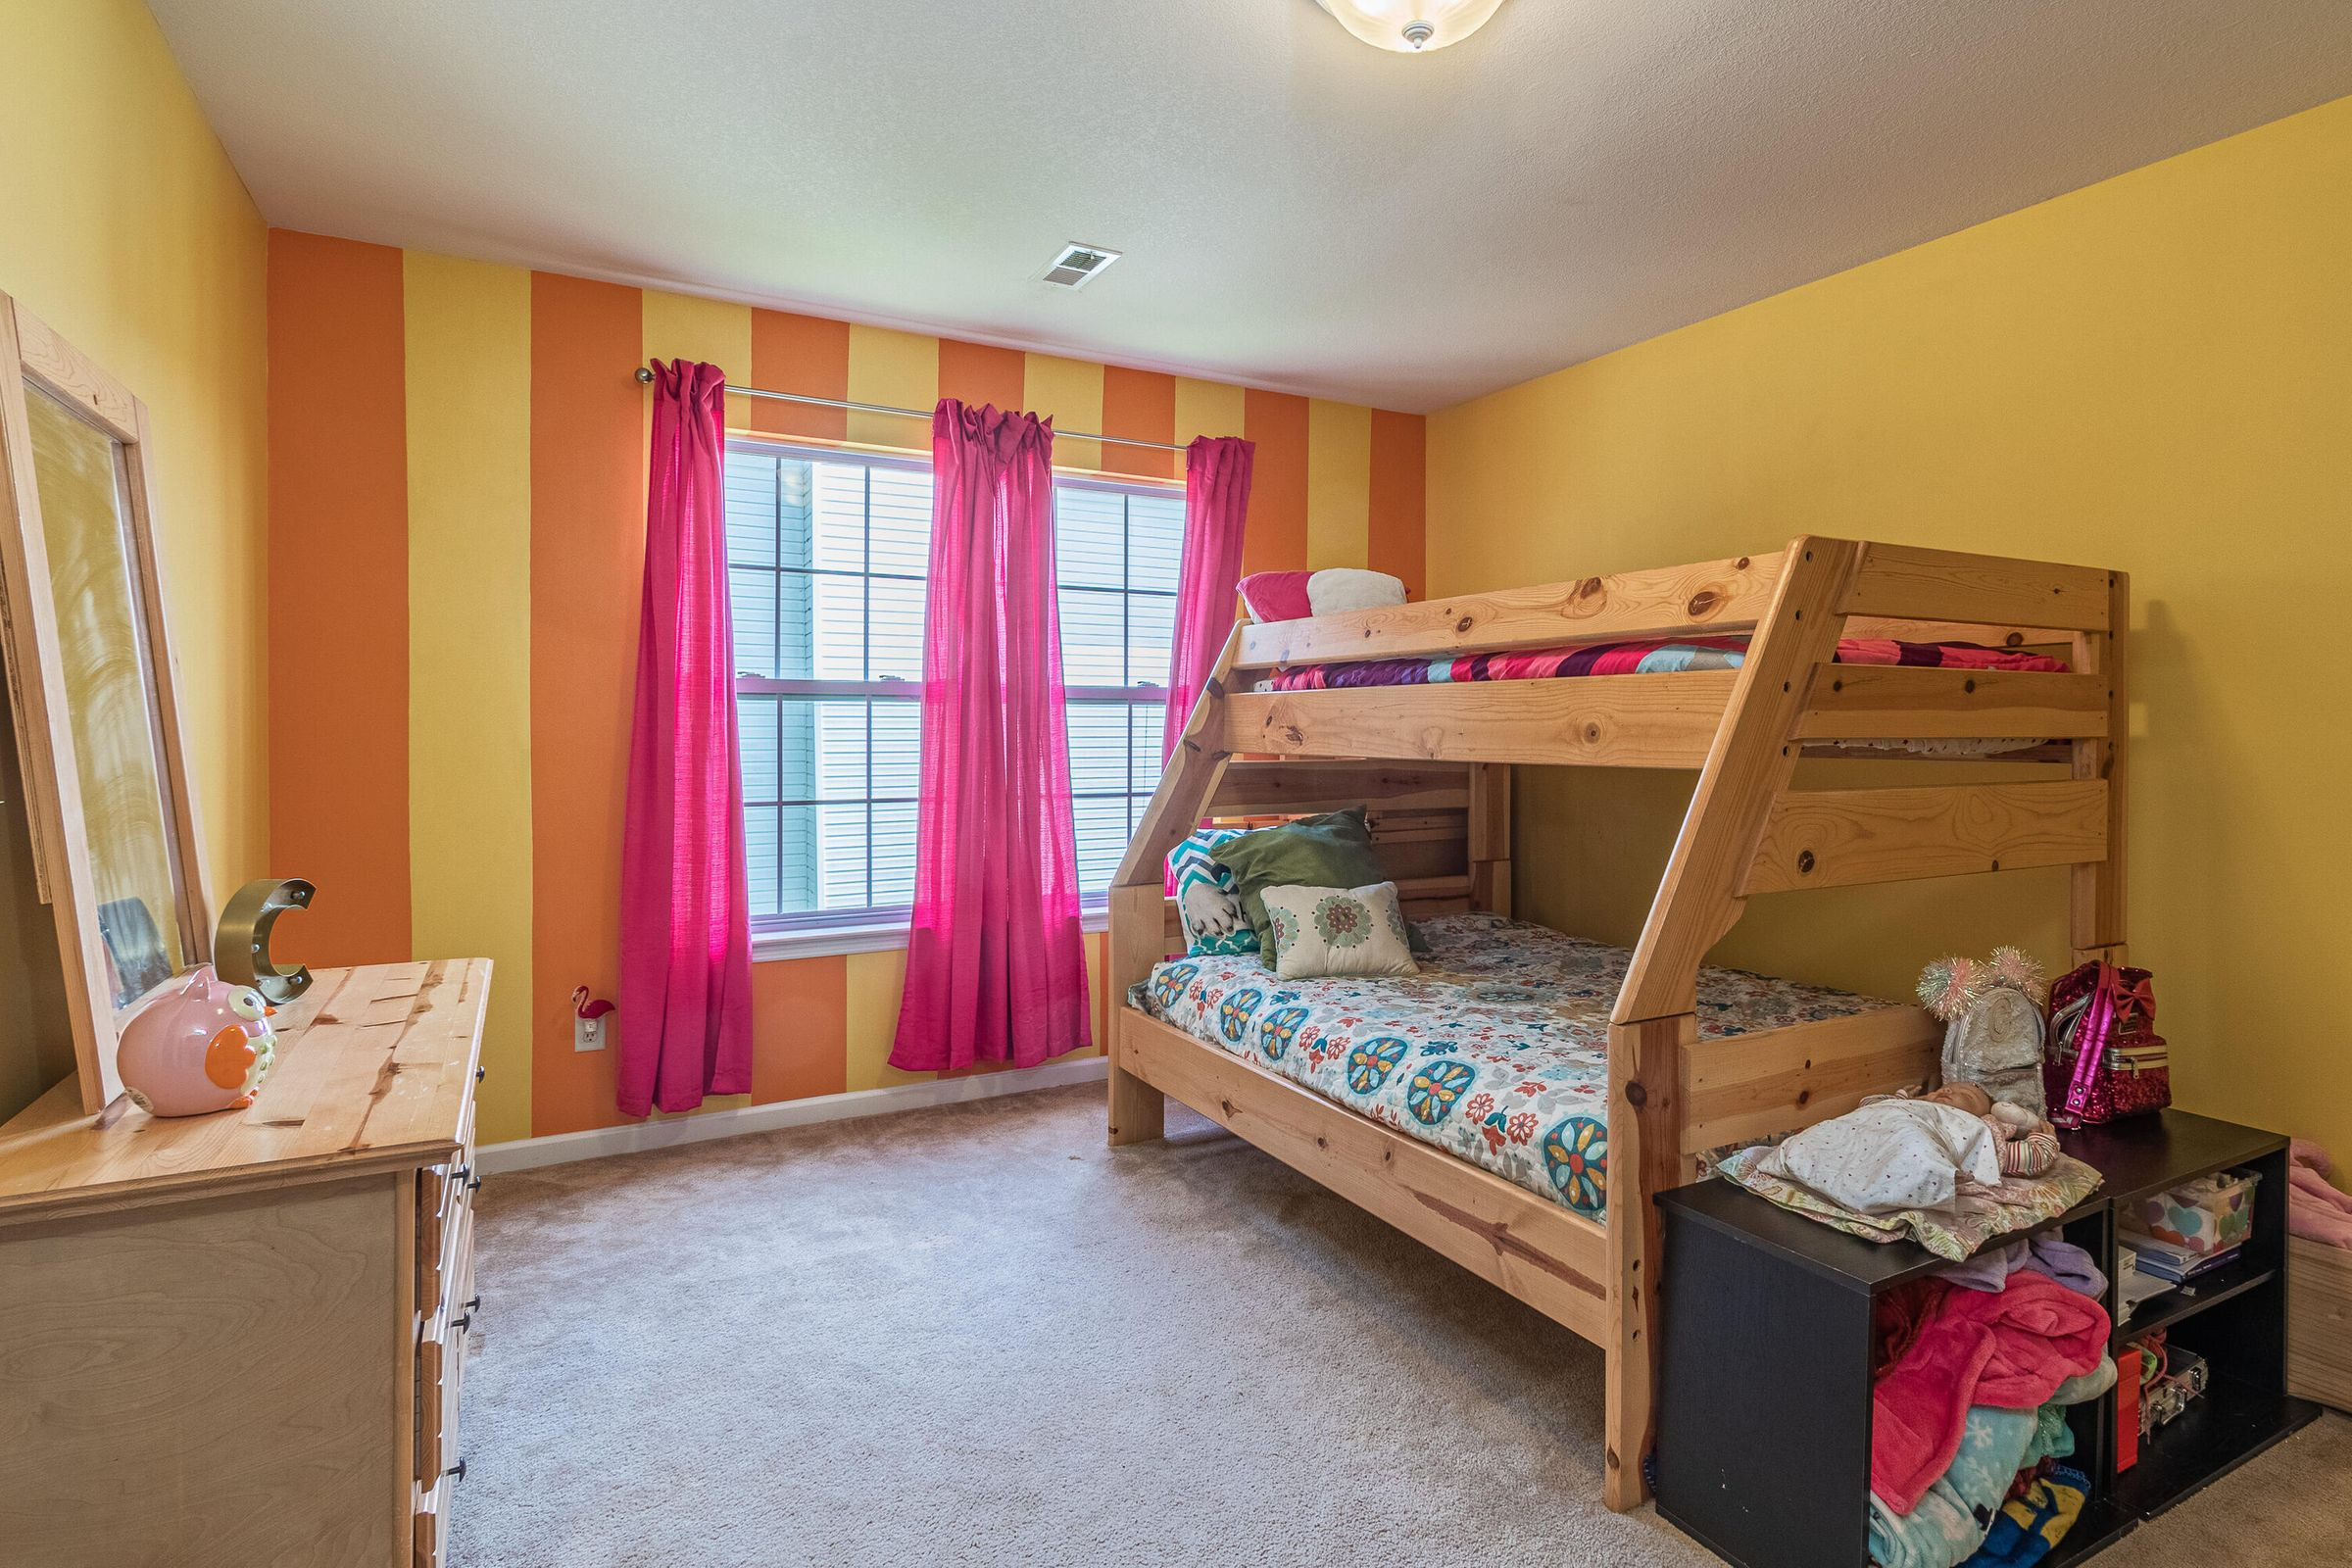 Bedroom with walk-in closet